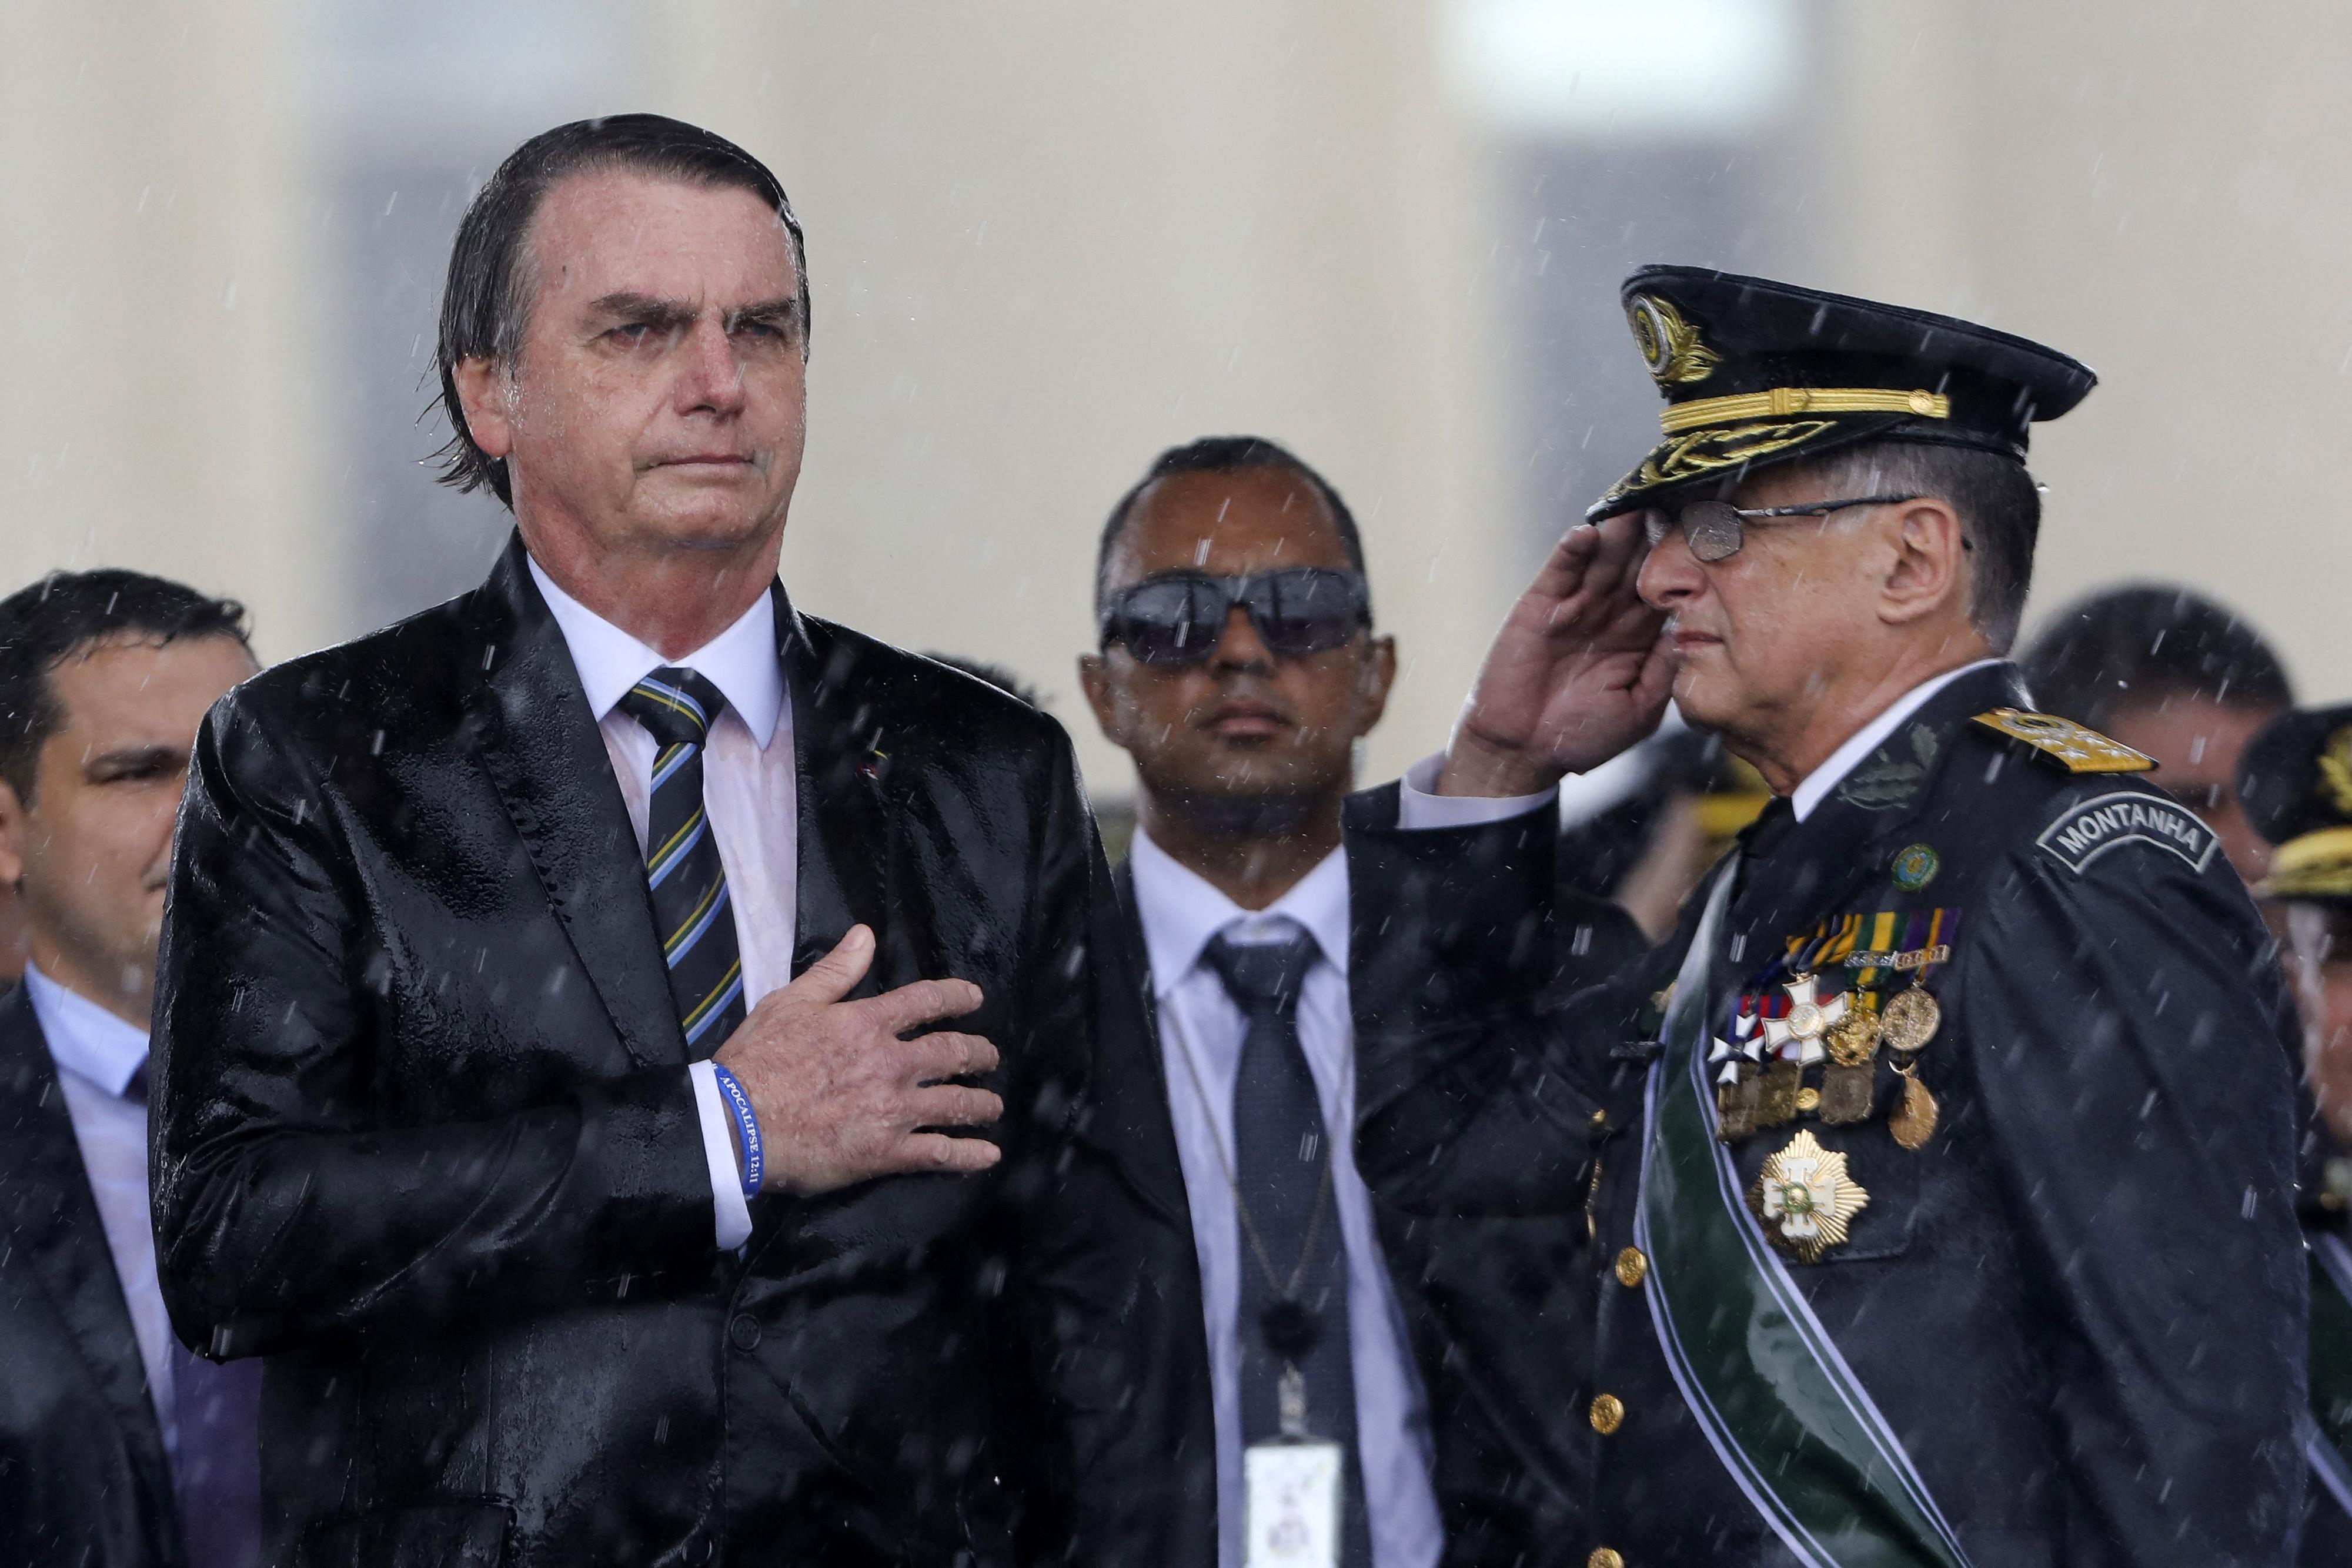 Brazília mindhárom fegyveres erejének parancsnoka faképnél hagyta Bolsonarót